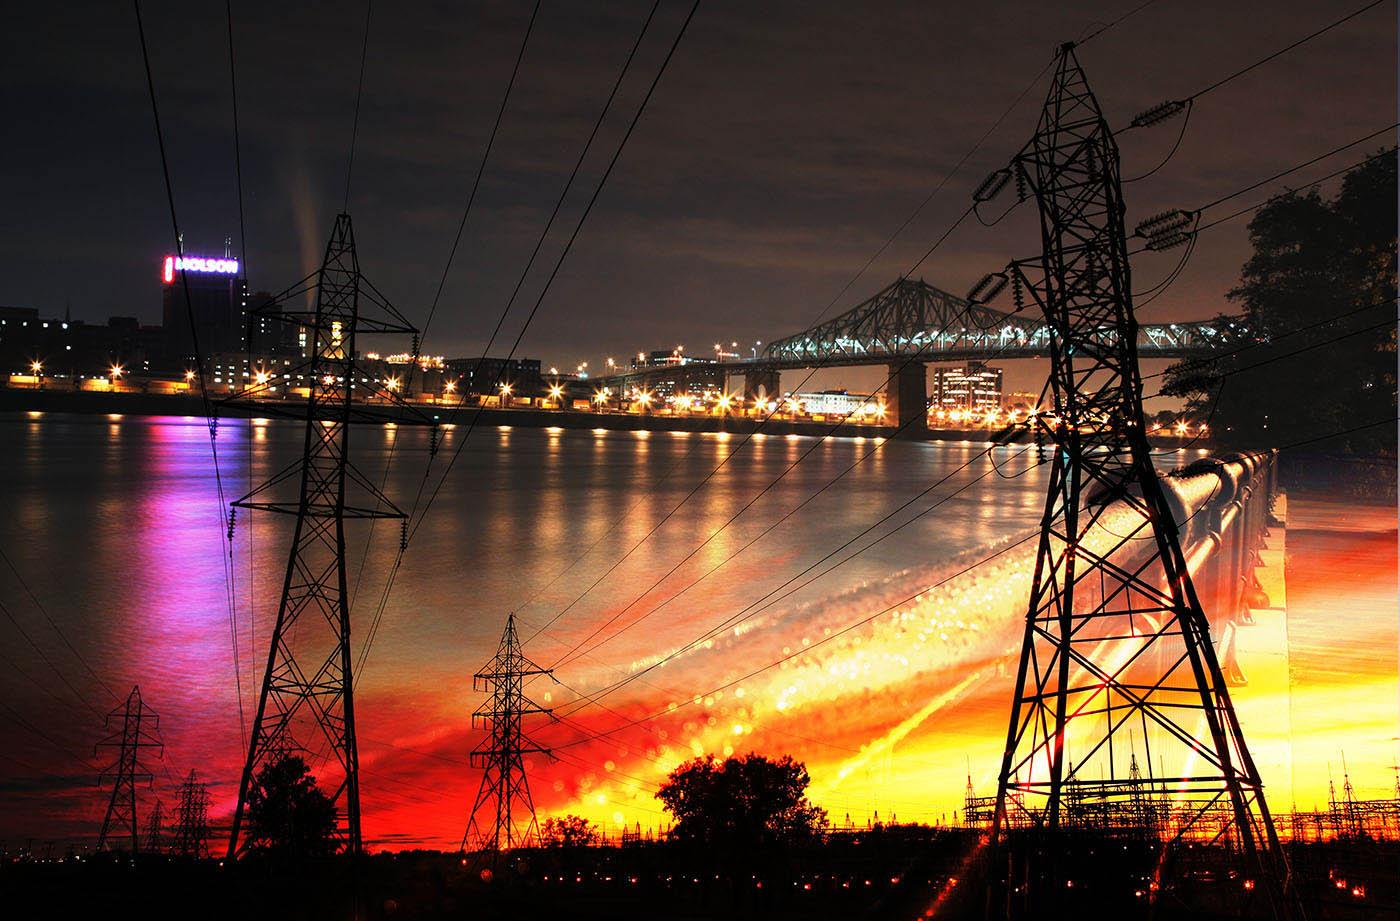 Urban Electrification - Colorful Stock Photos